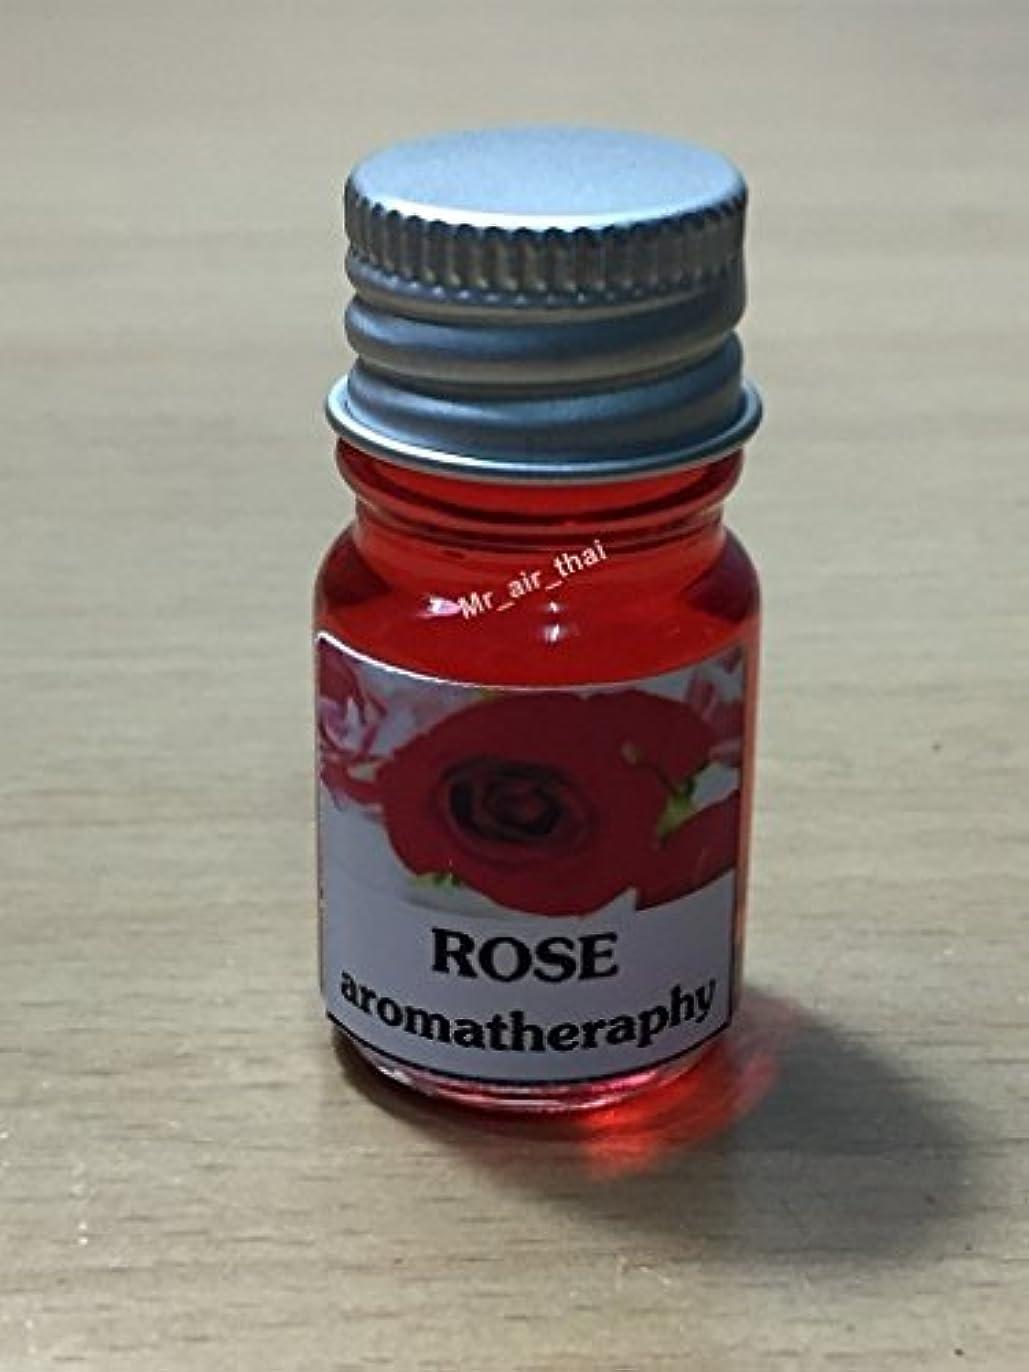 入る揃える聖なる5ミリリットルアロマローズフランクインセンスエッセンシャルオイルボトルアロマテラピーオイル自然自然5ml Aroma Rose Frankincense Essential Oil Bottles Aromatherapy...